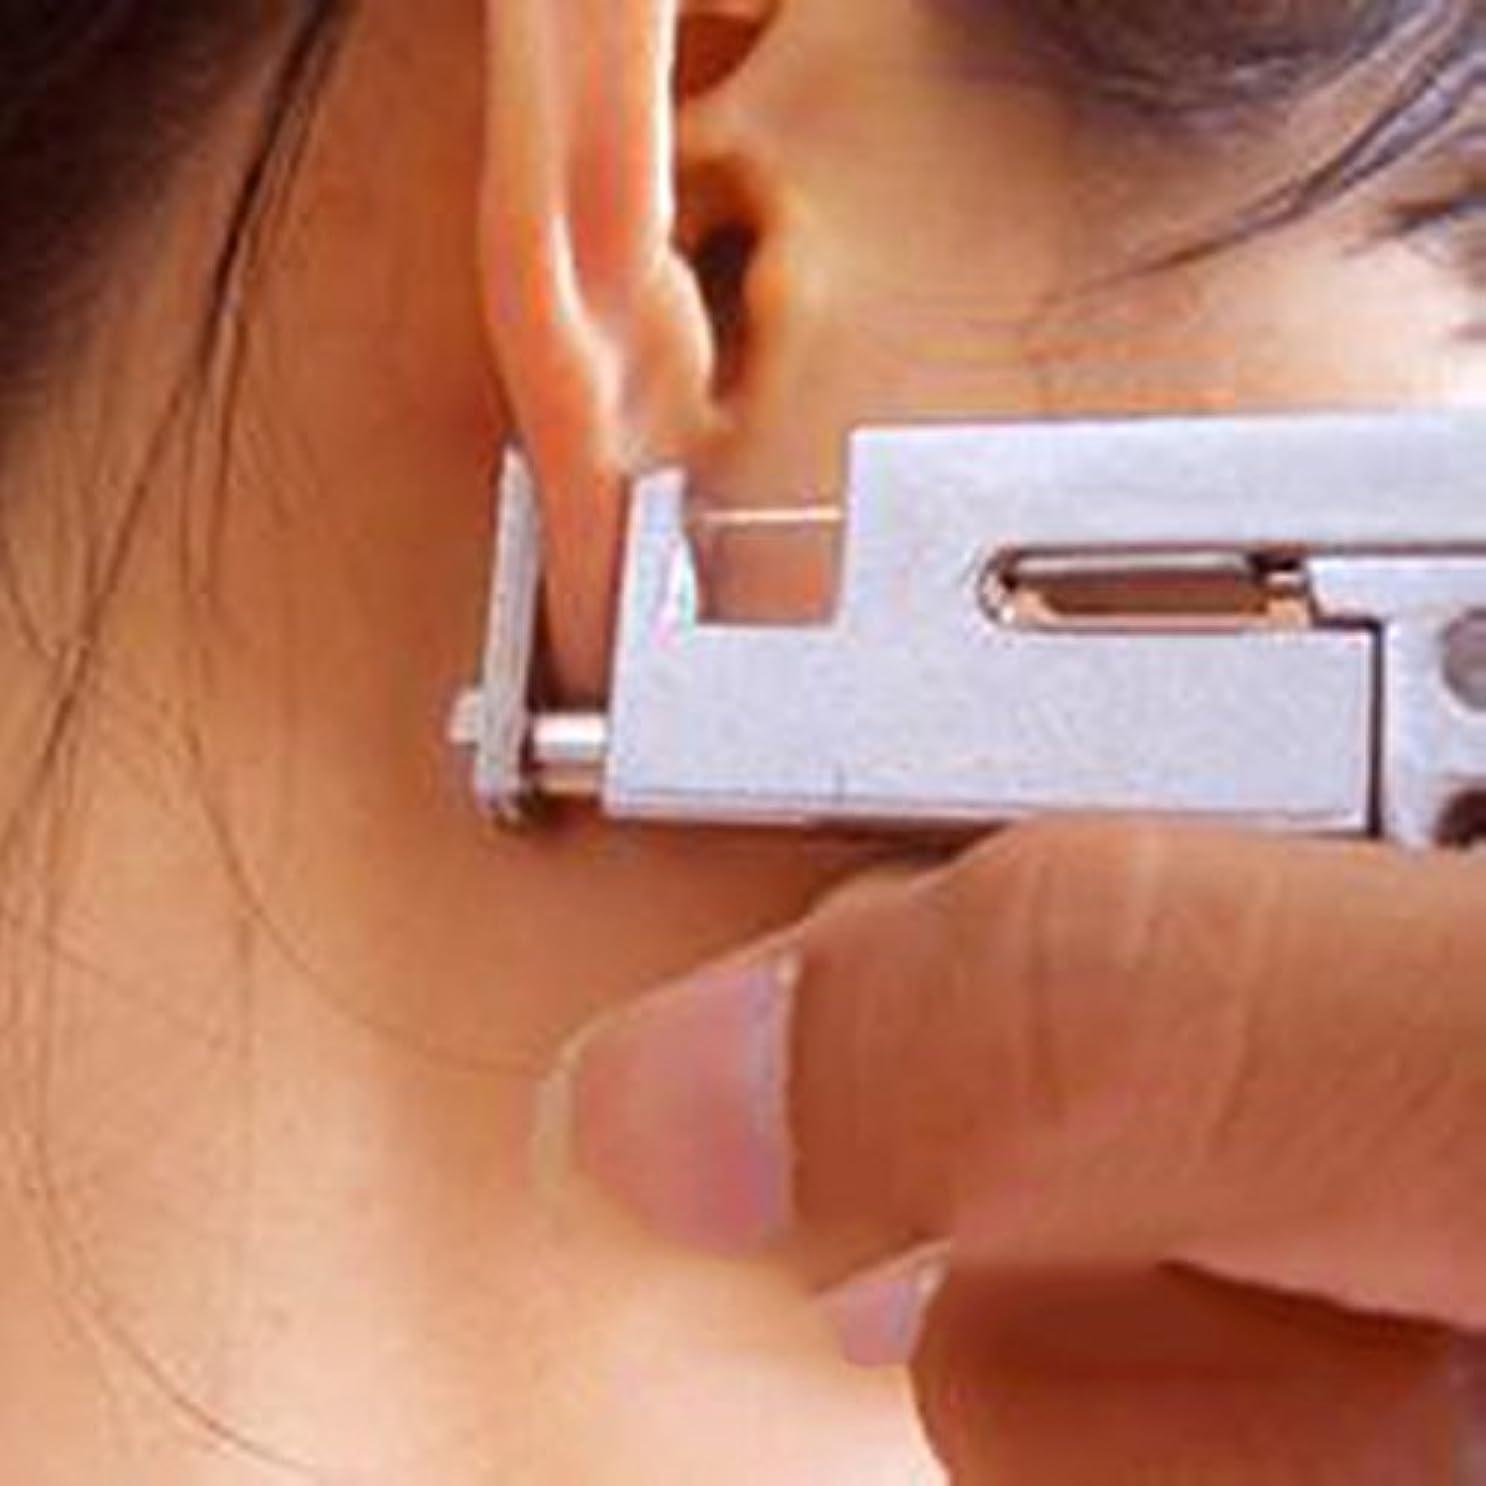 ちょうつがい猫背知るプロの耳ボディ鼻ピアスガン 工作機械キットセット+ 98個スチールスタッド 使いやすい